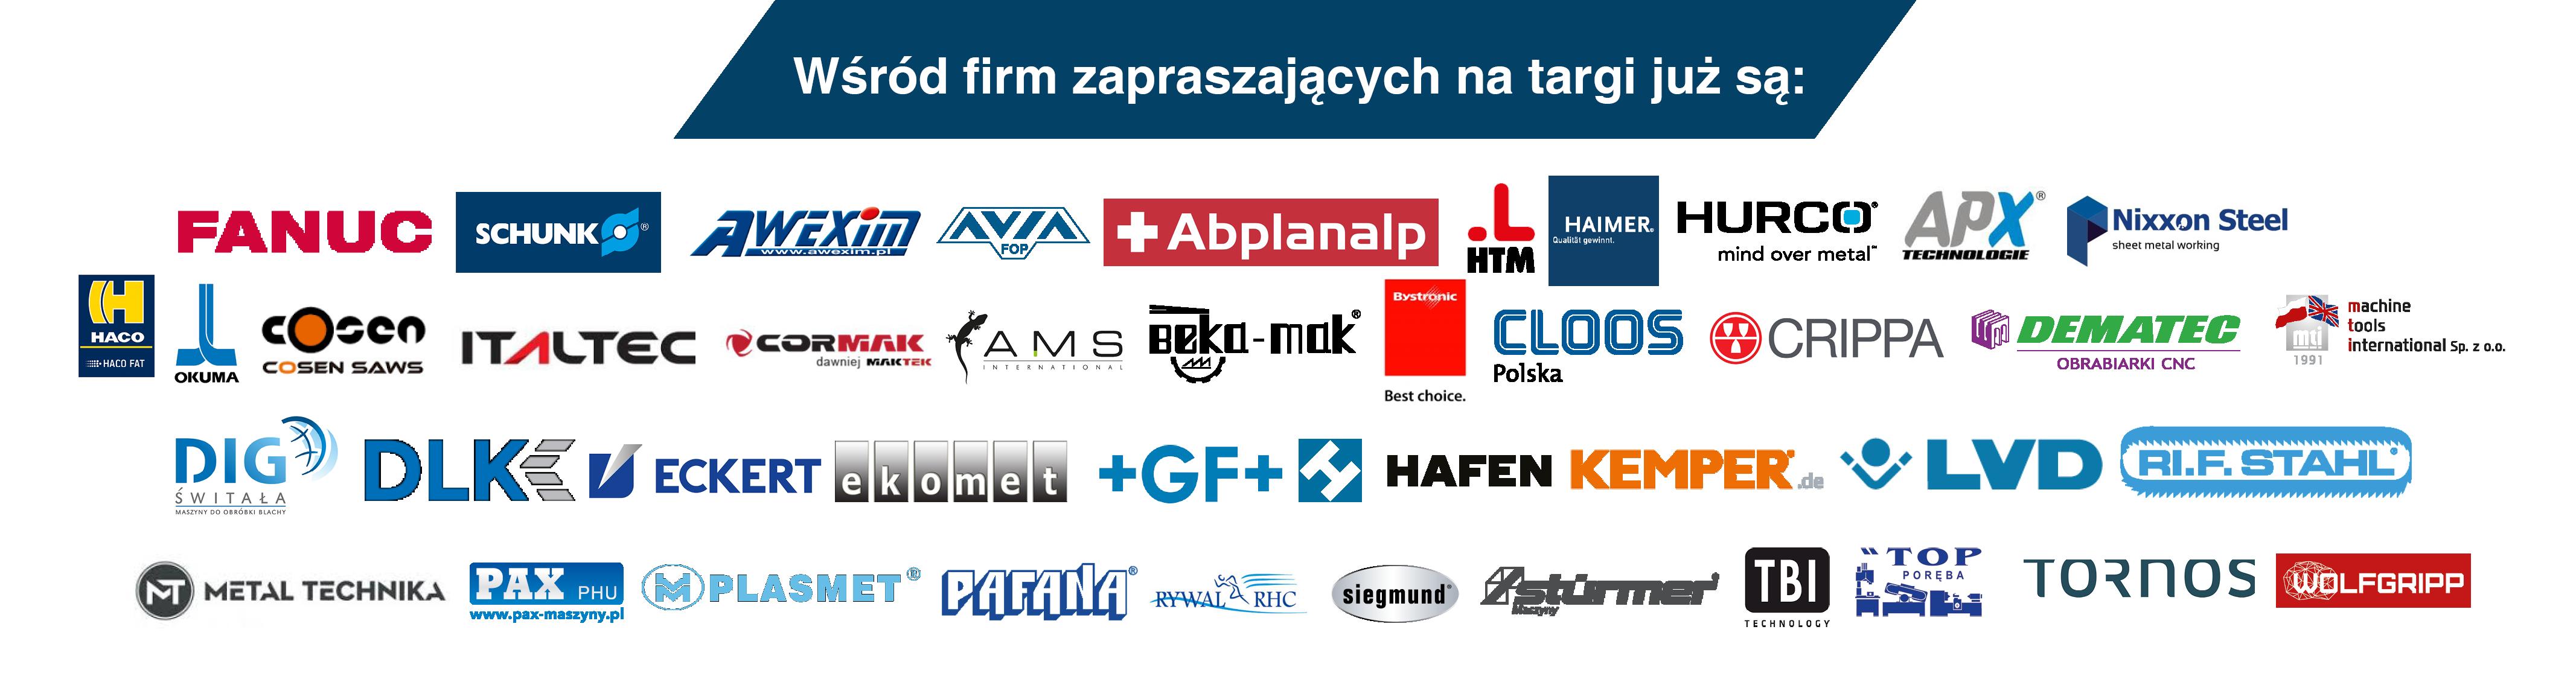 stom-tool 2019 - wśród firm zapraszających są już